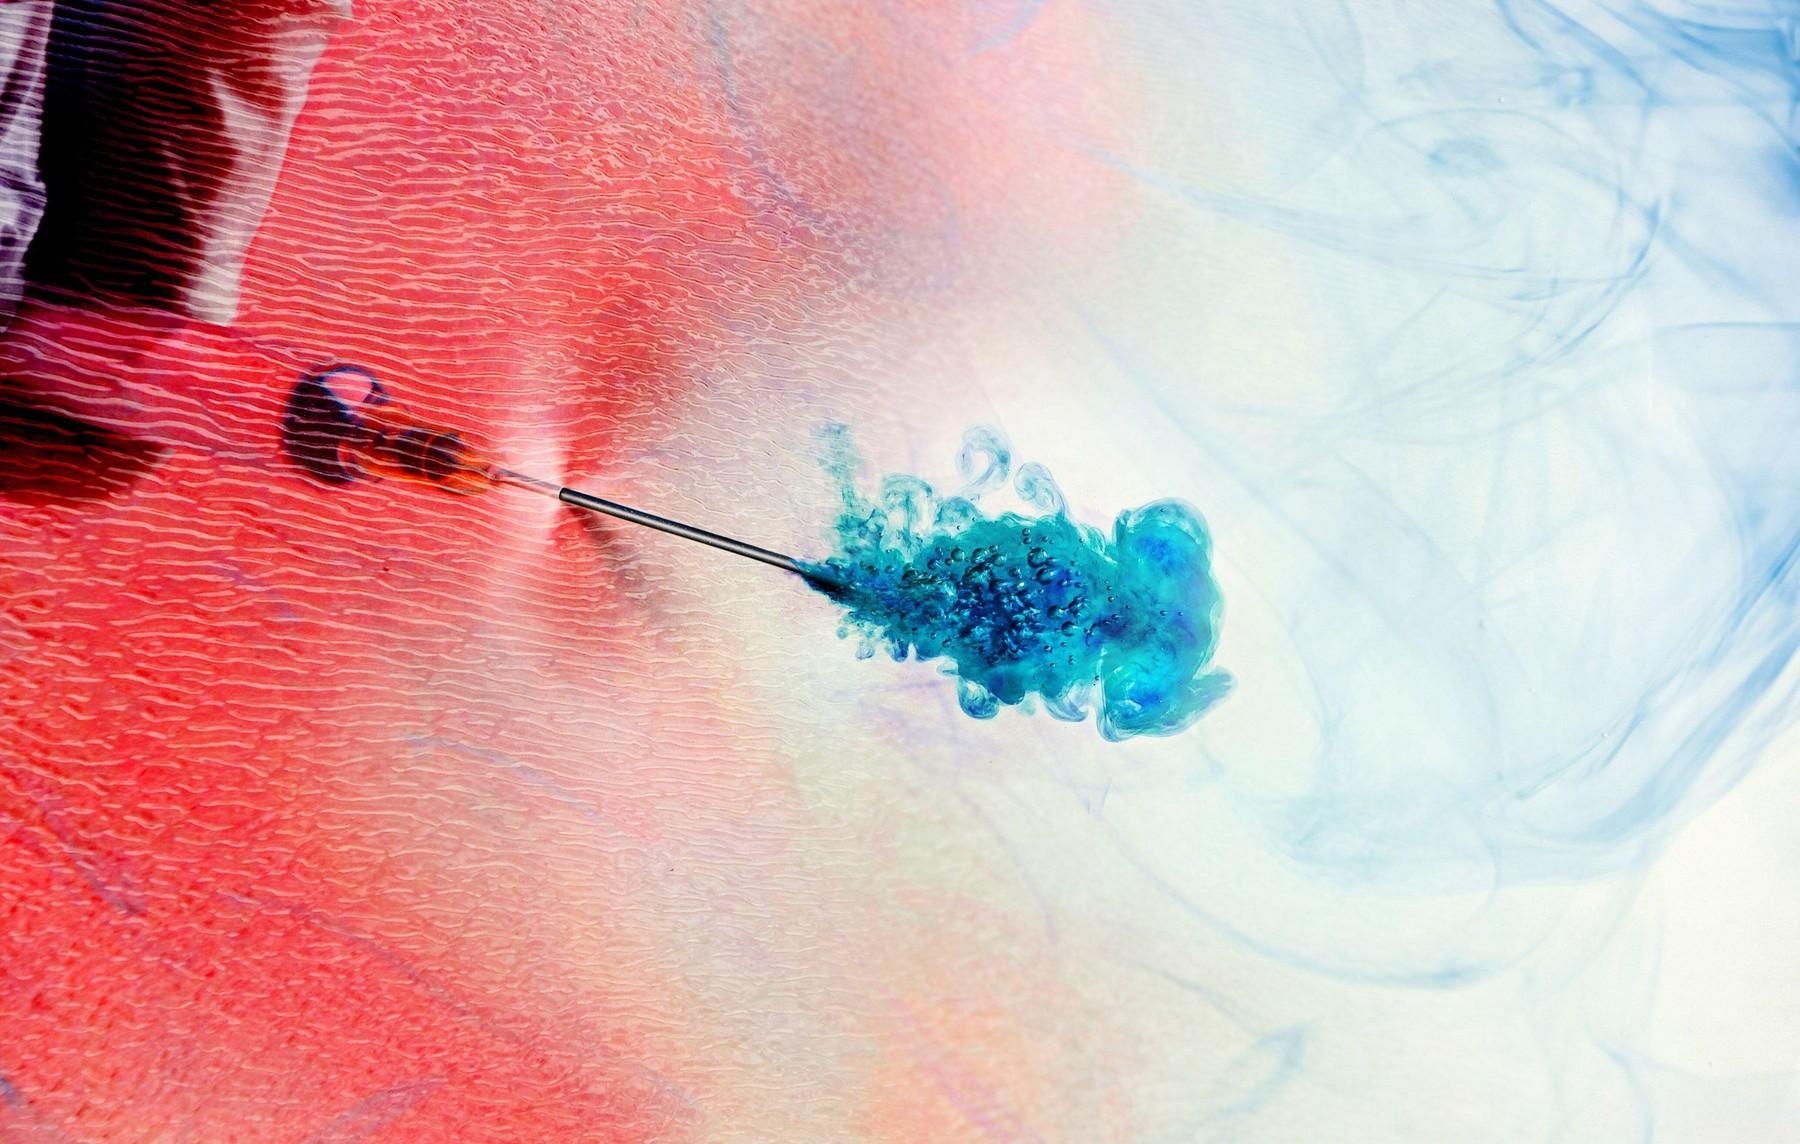 Cercetatorii din Olanda au dezvoltat o metoda de a face injectie fara ac. Frica de ac, mai obisnuita decat se crede